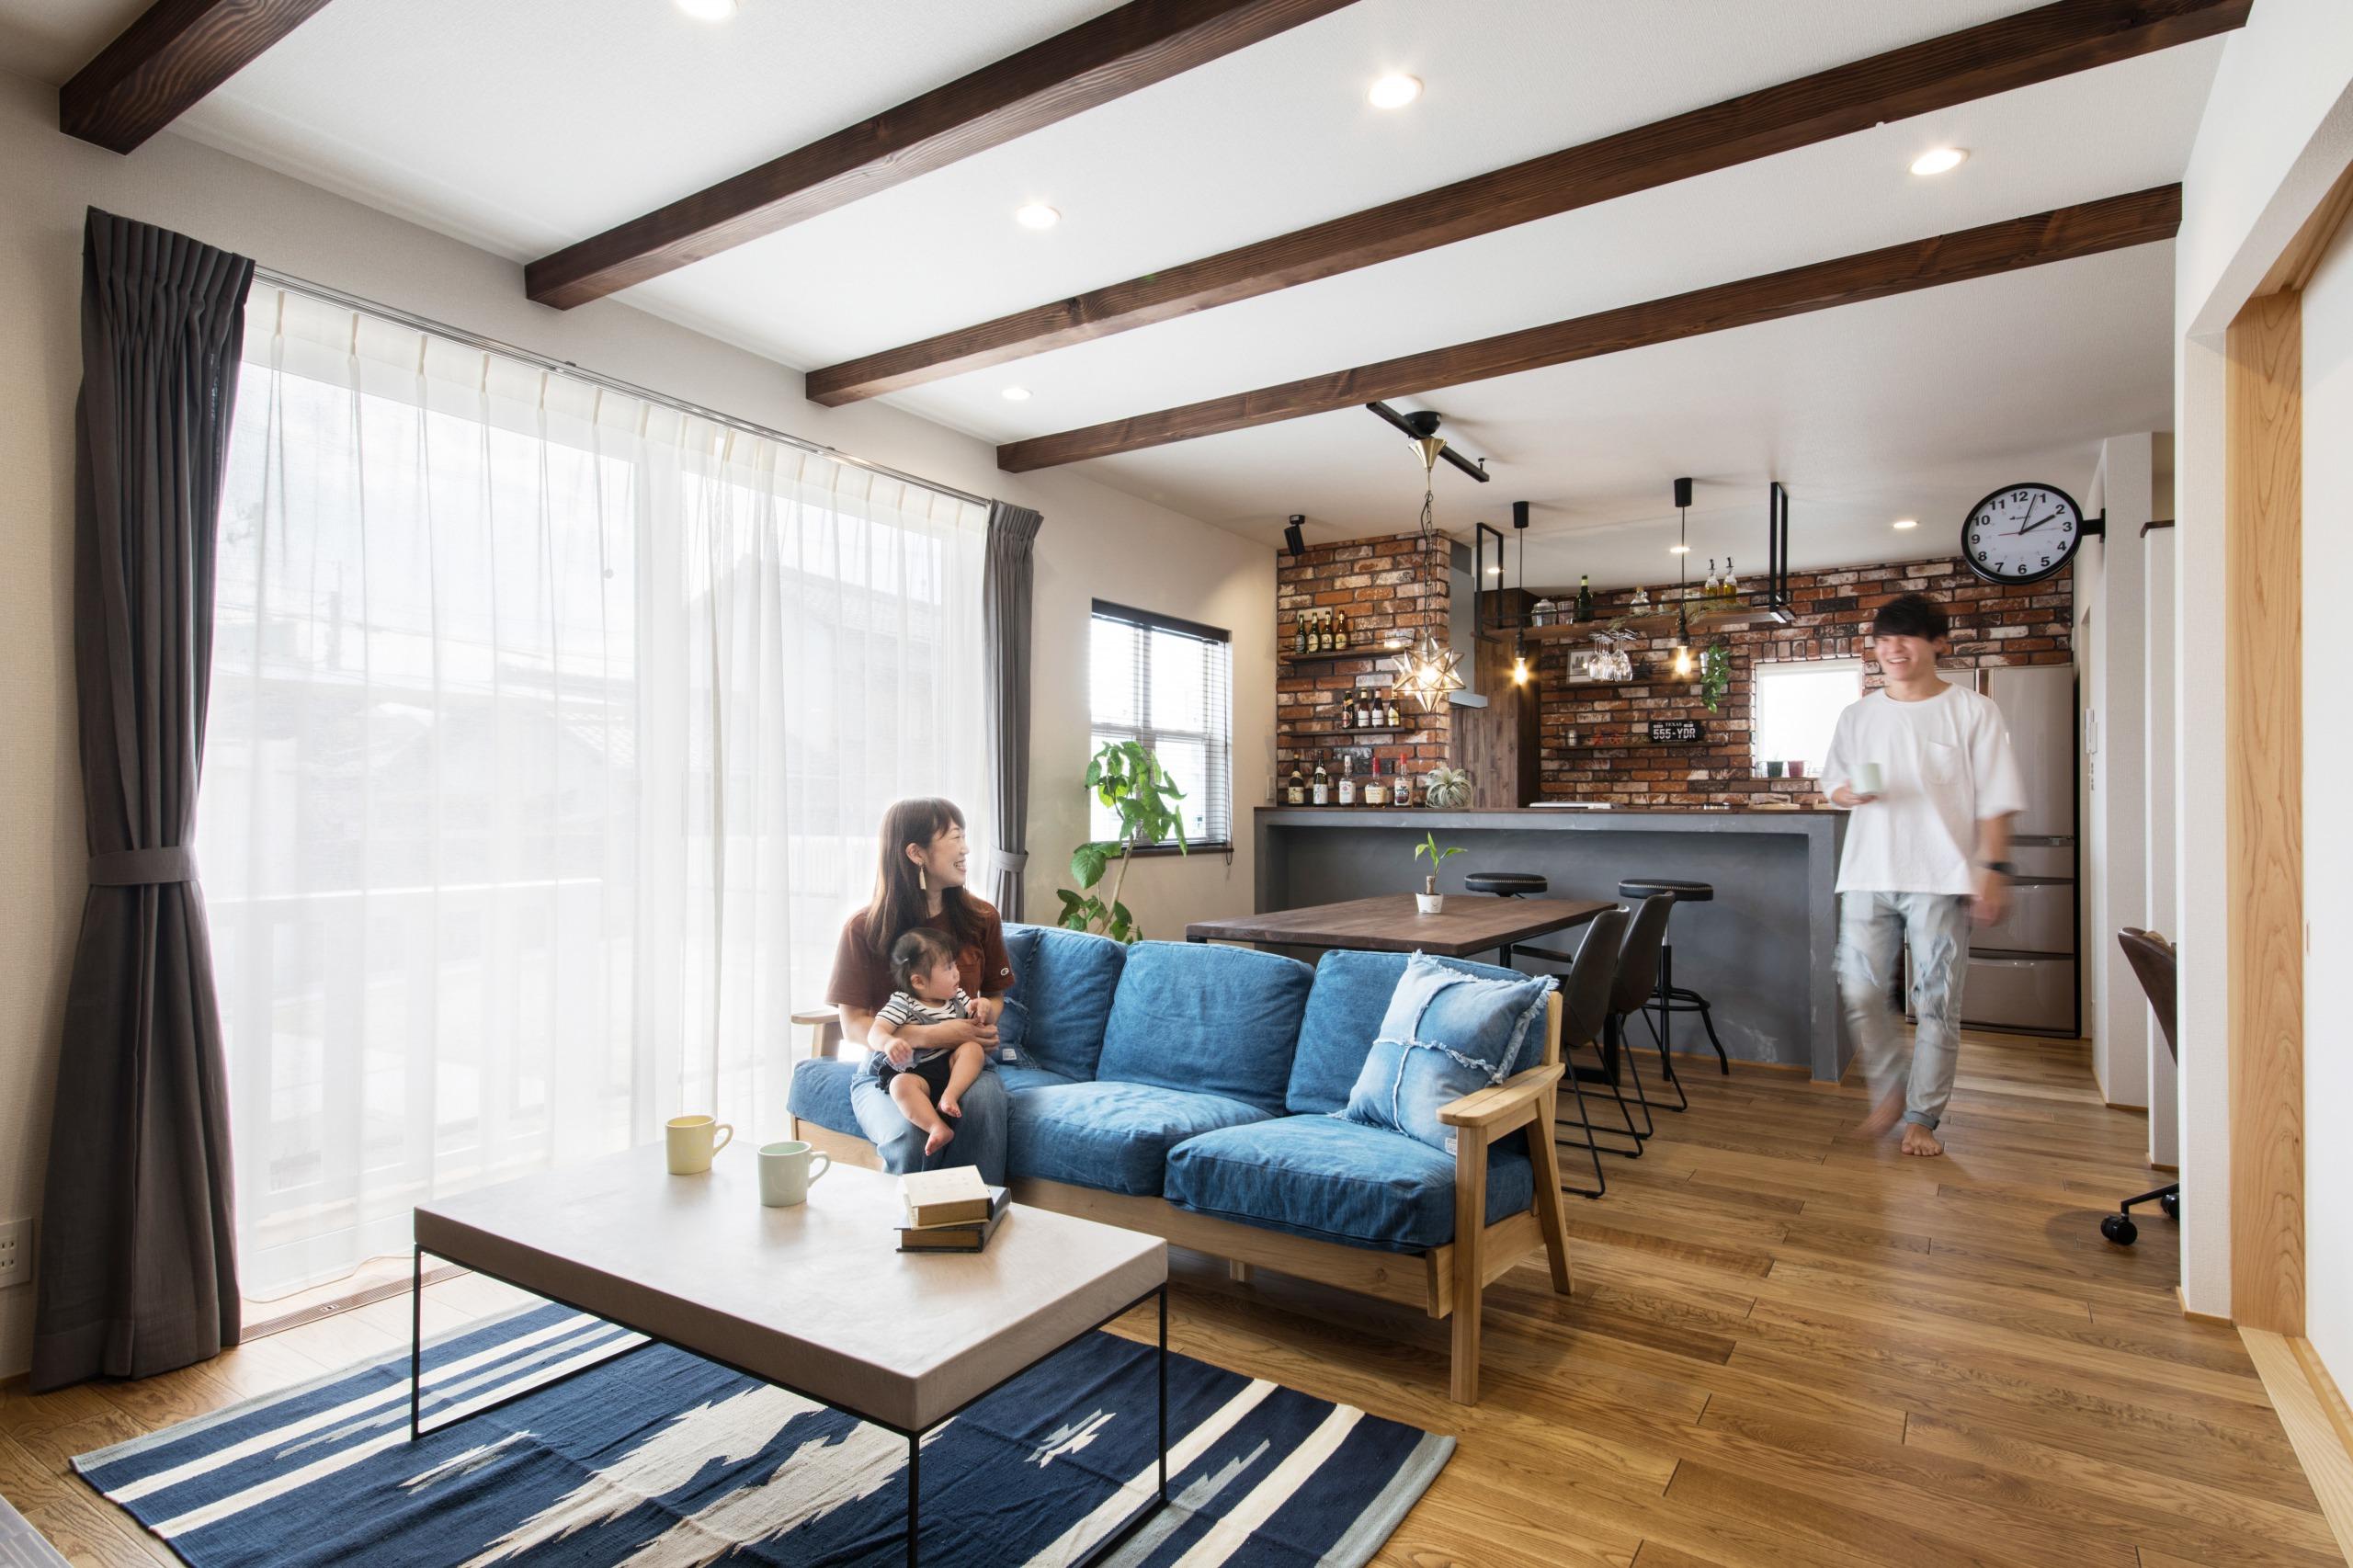 小幡建設【デザイン住宅、収納力、省エネ】モルタル調キッチンは、本物のレンガを貼った壁やアイアンラックが見事に調和。夫妻ともに大好きだと言う、お酒の瓶が並ぶ様子も絵になる。またキッチン奥には古材調に仕上げた造作収納や、大容量のパントリーがあり、物が増えがちなキッチンまわりもスッキリ